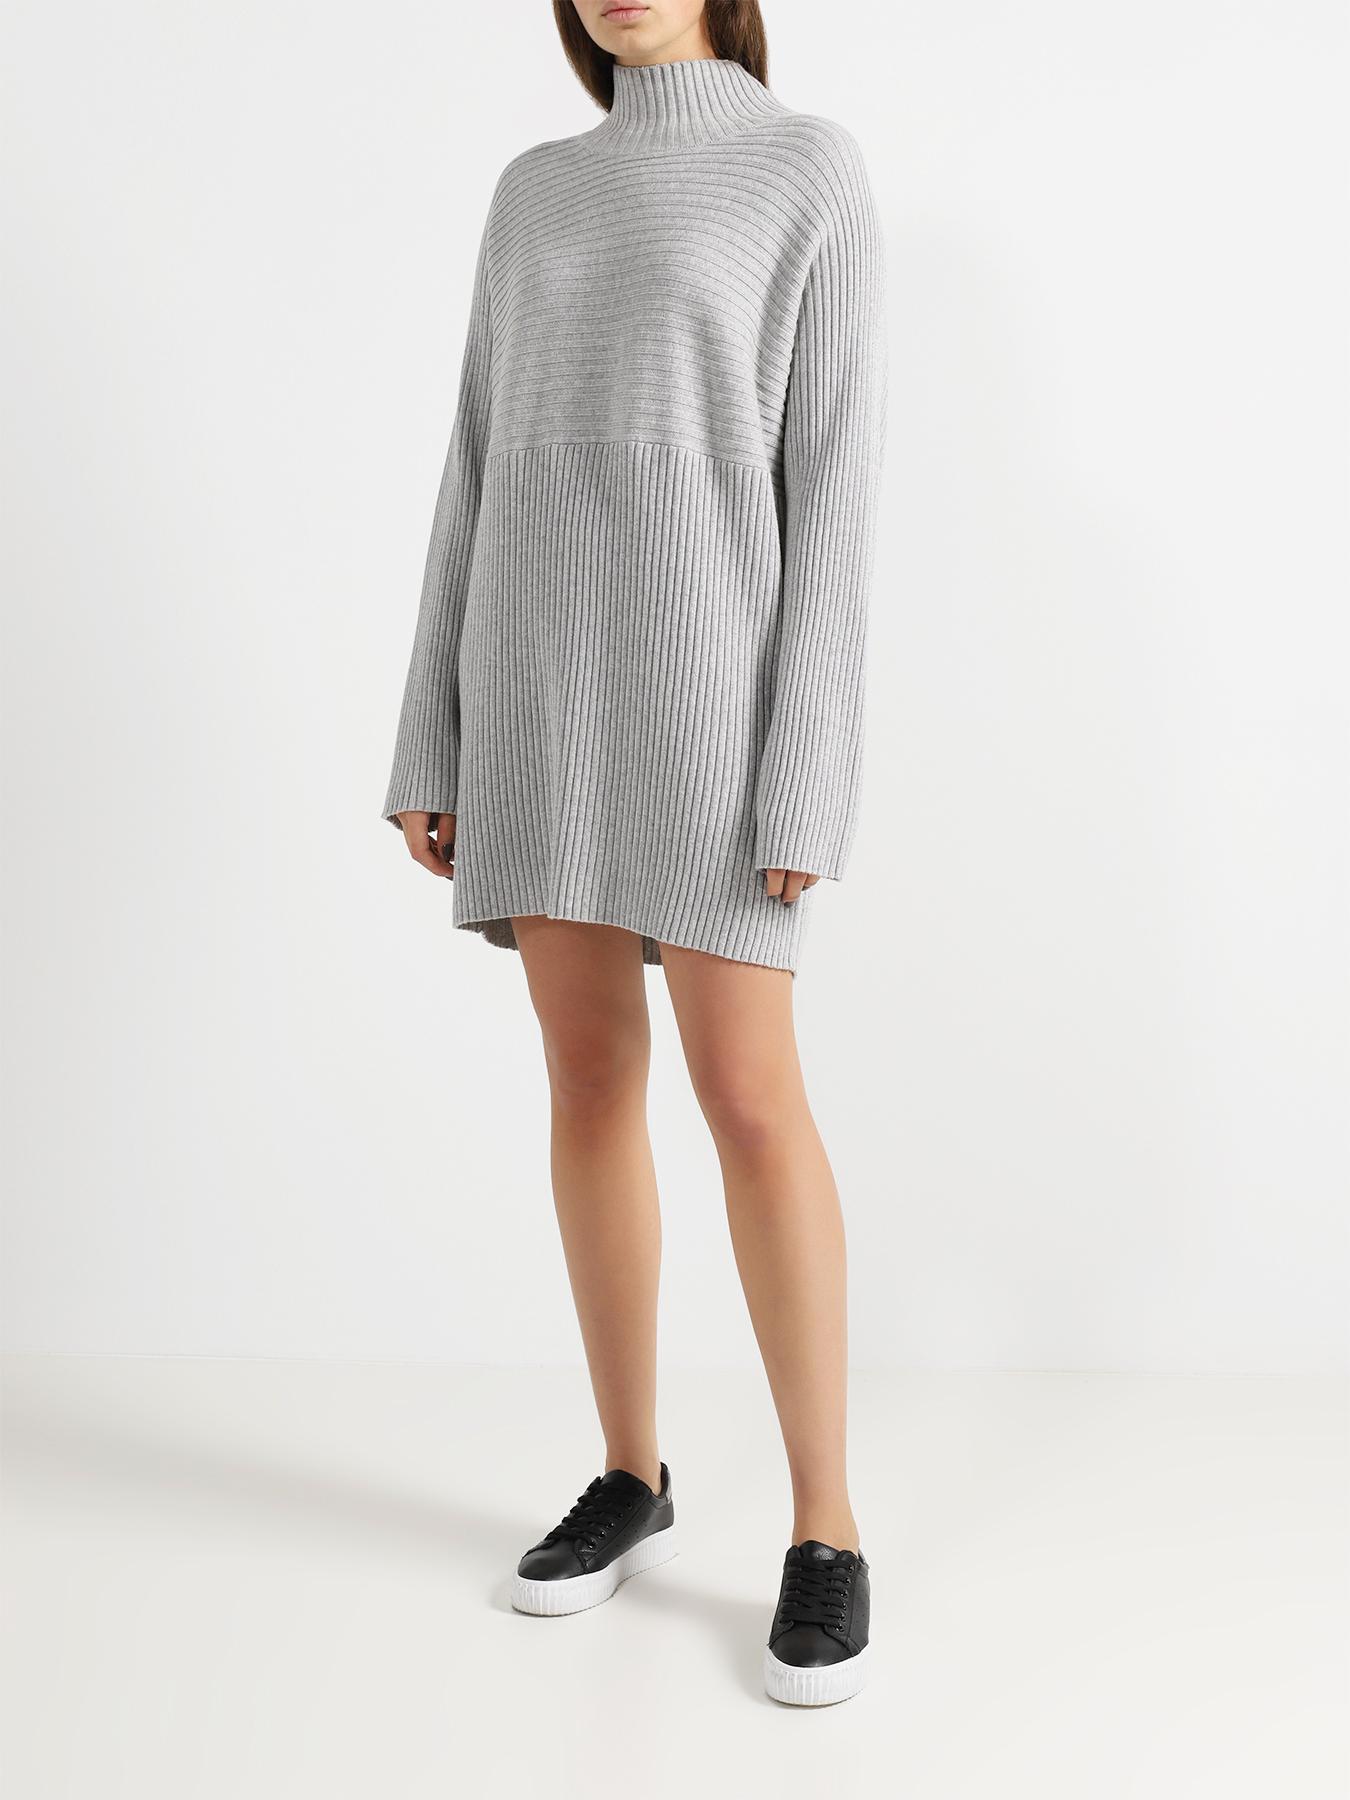 BOSS Длинный свитер Walleny 355877-044